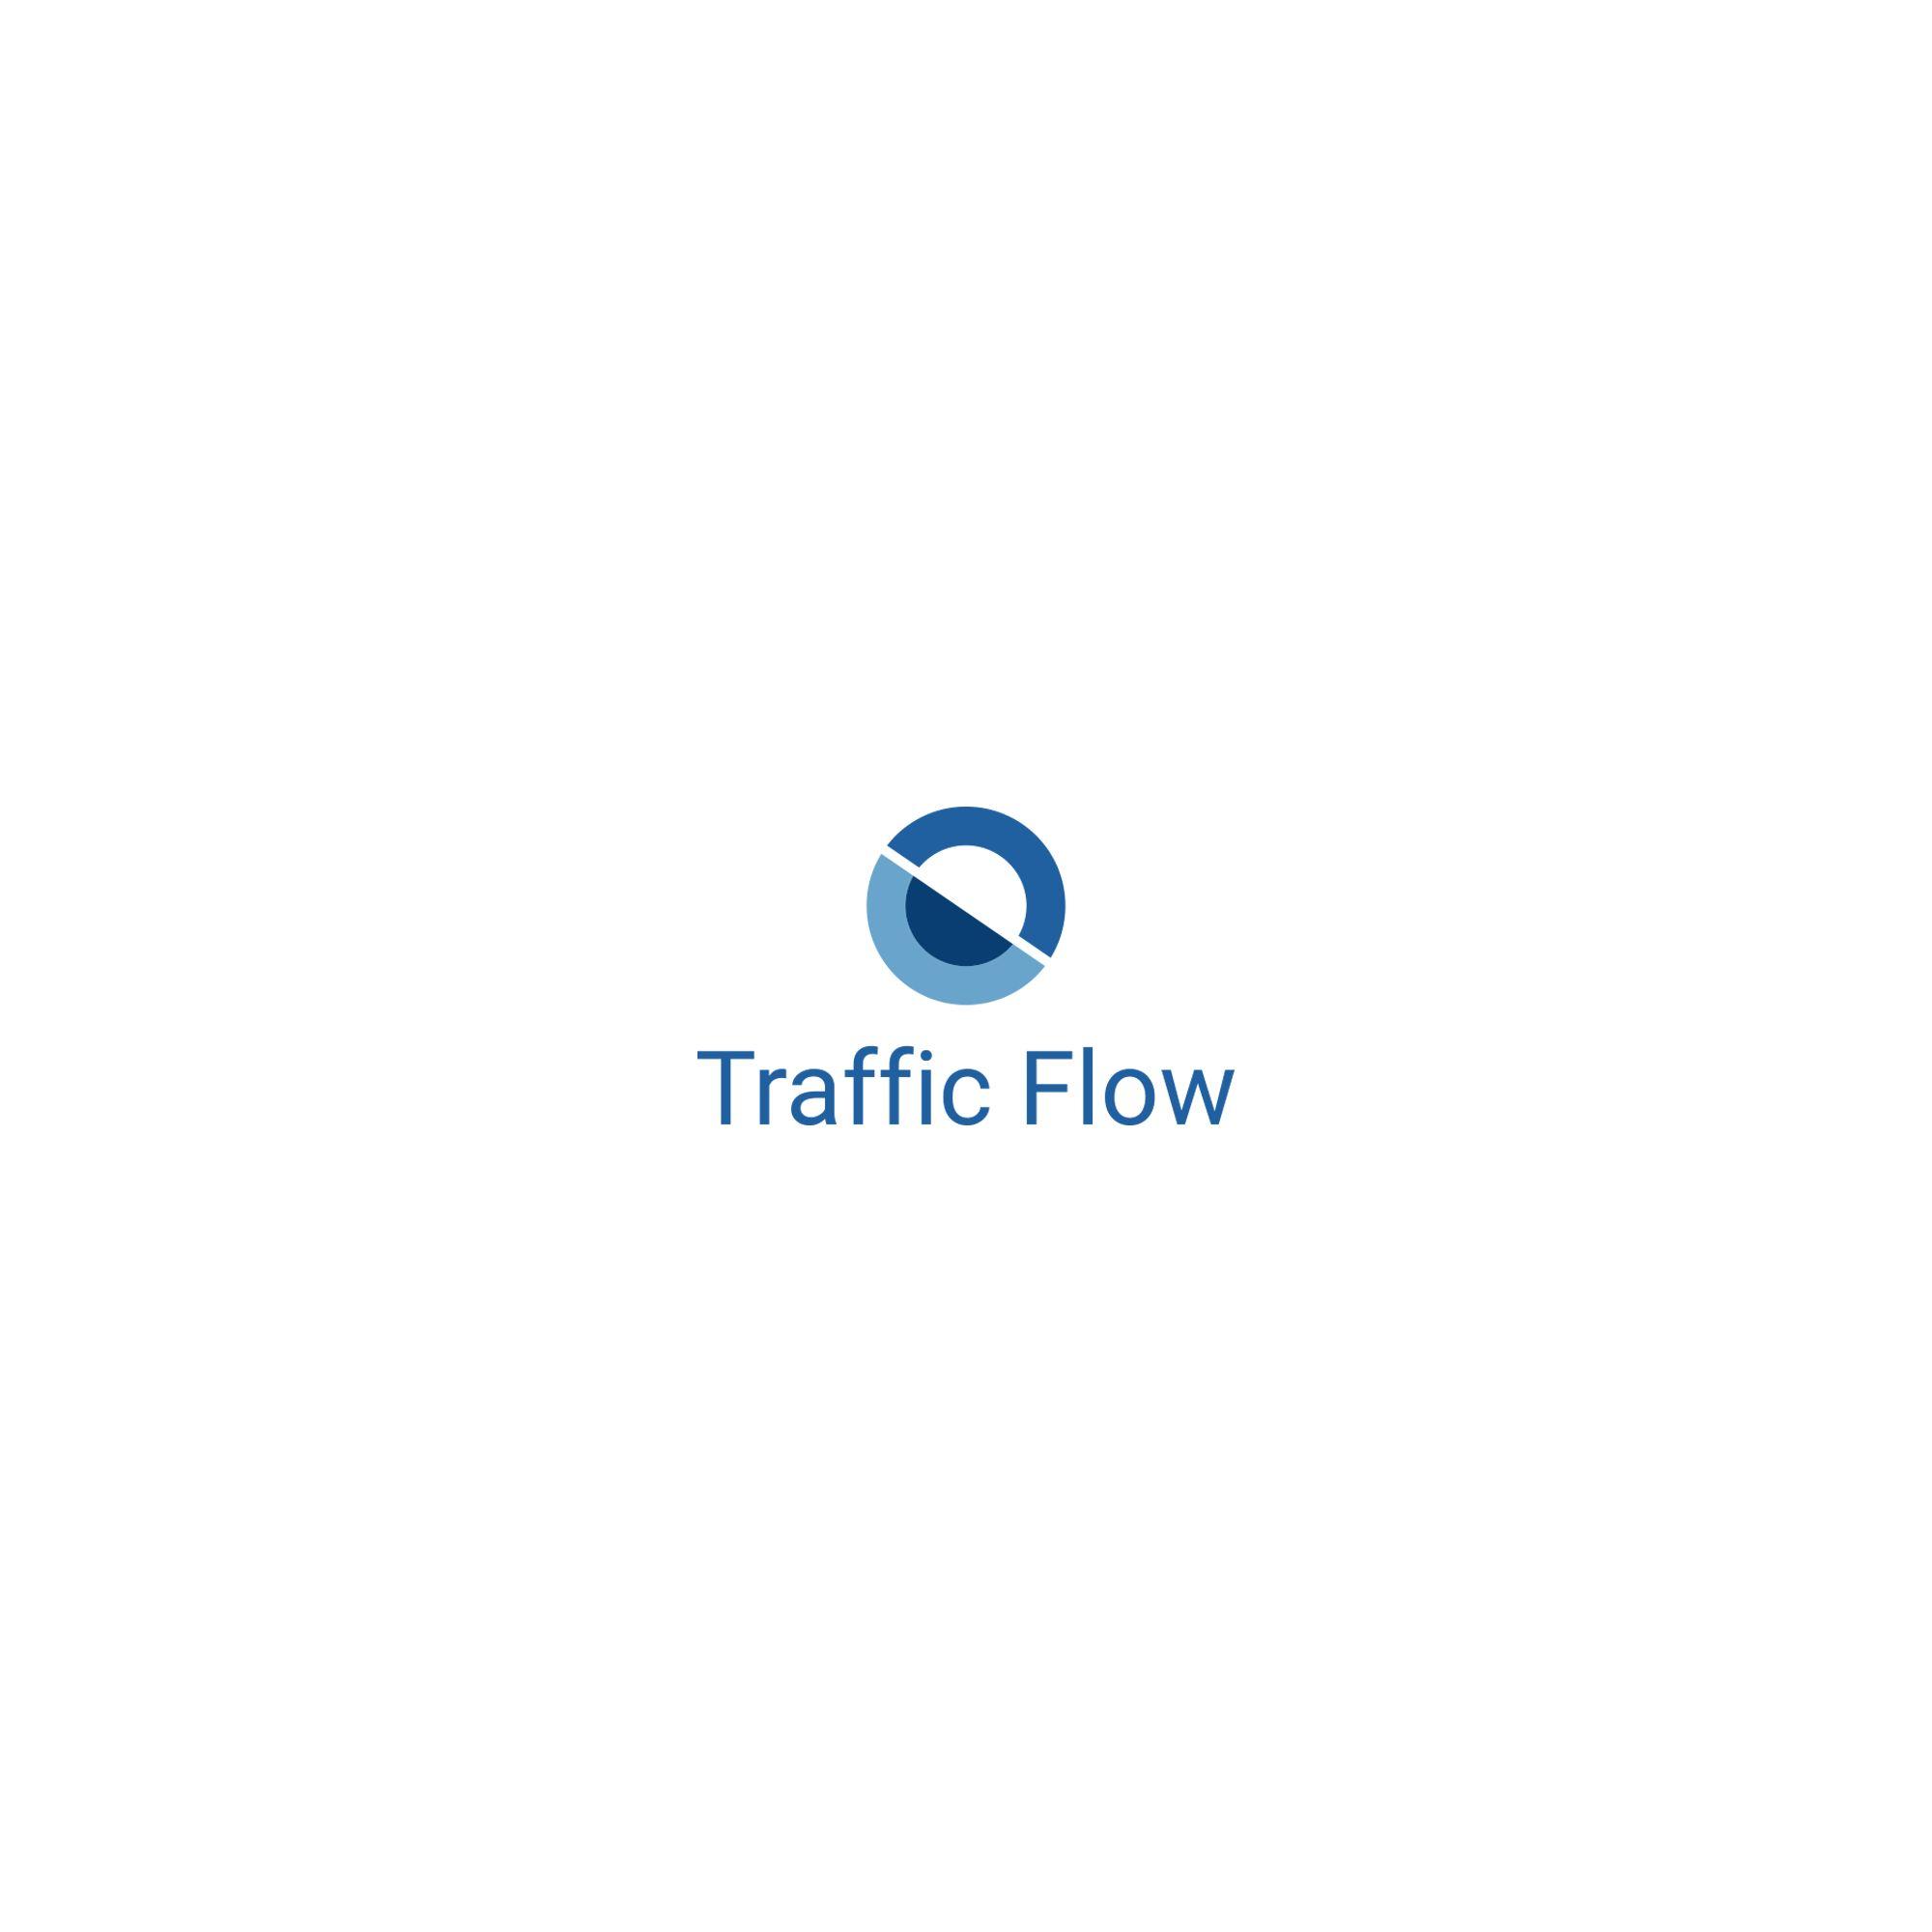 Лого и фирменный стиль для Traffic Flow - дизайнер Vebjorn